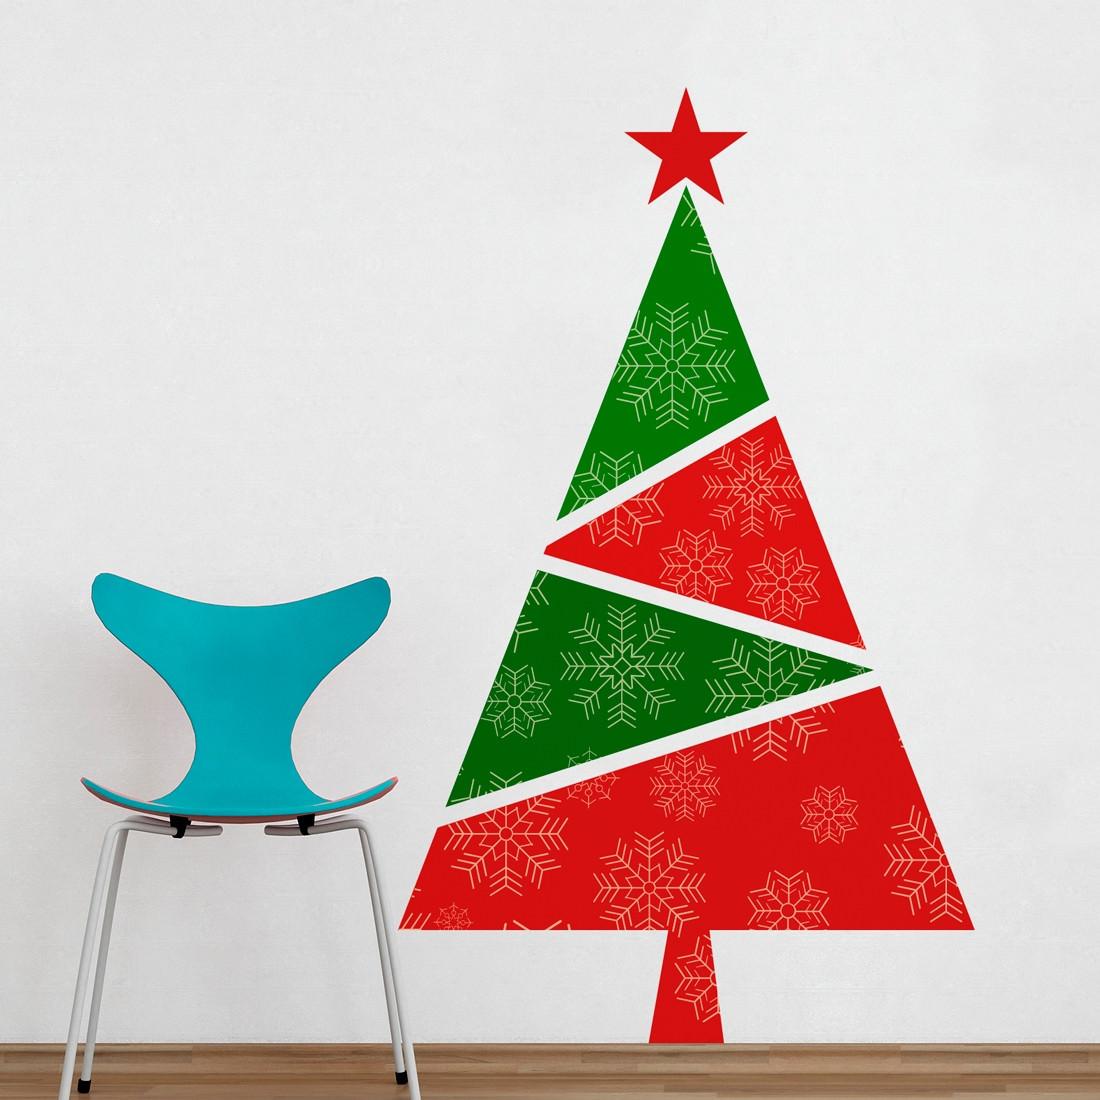 Adesivo Decorativa Árvore de Natal Vermelha e Verde